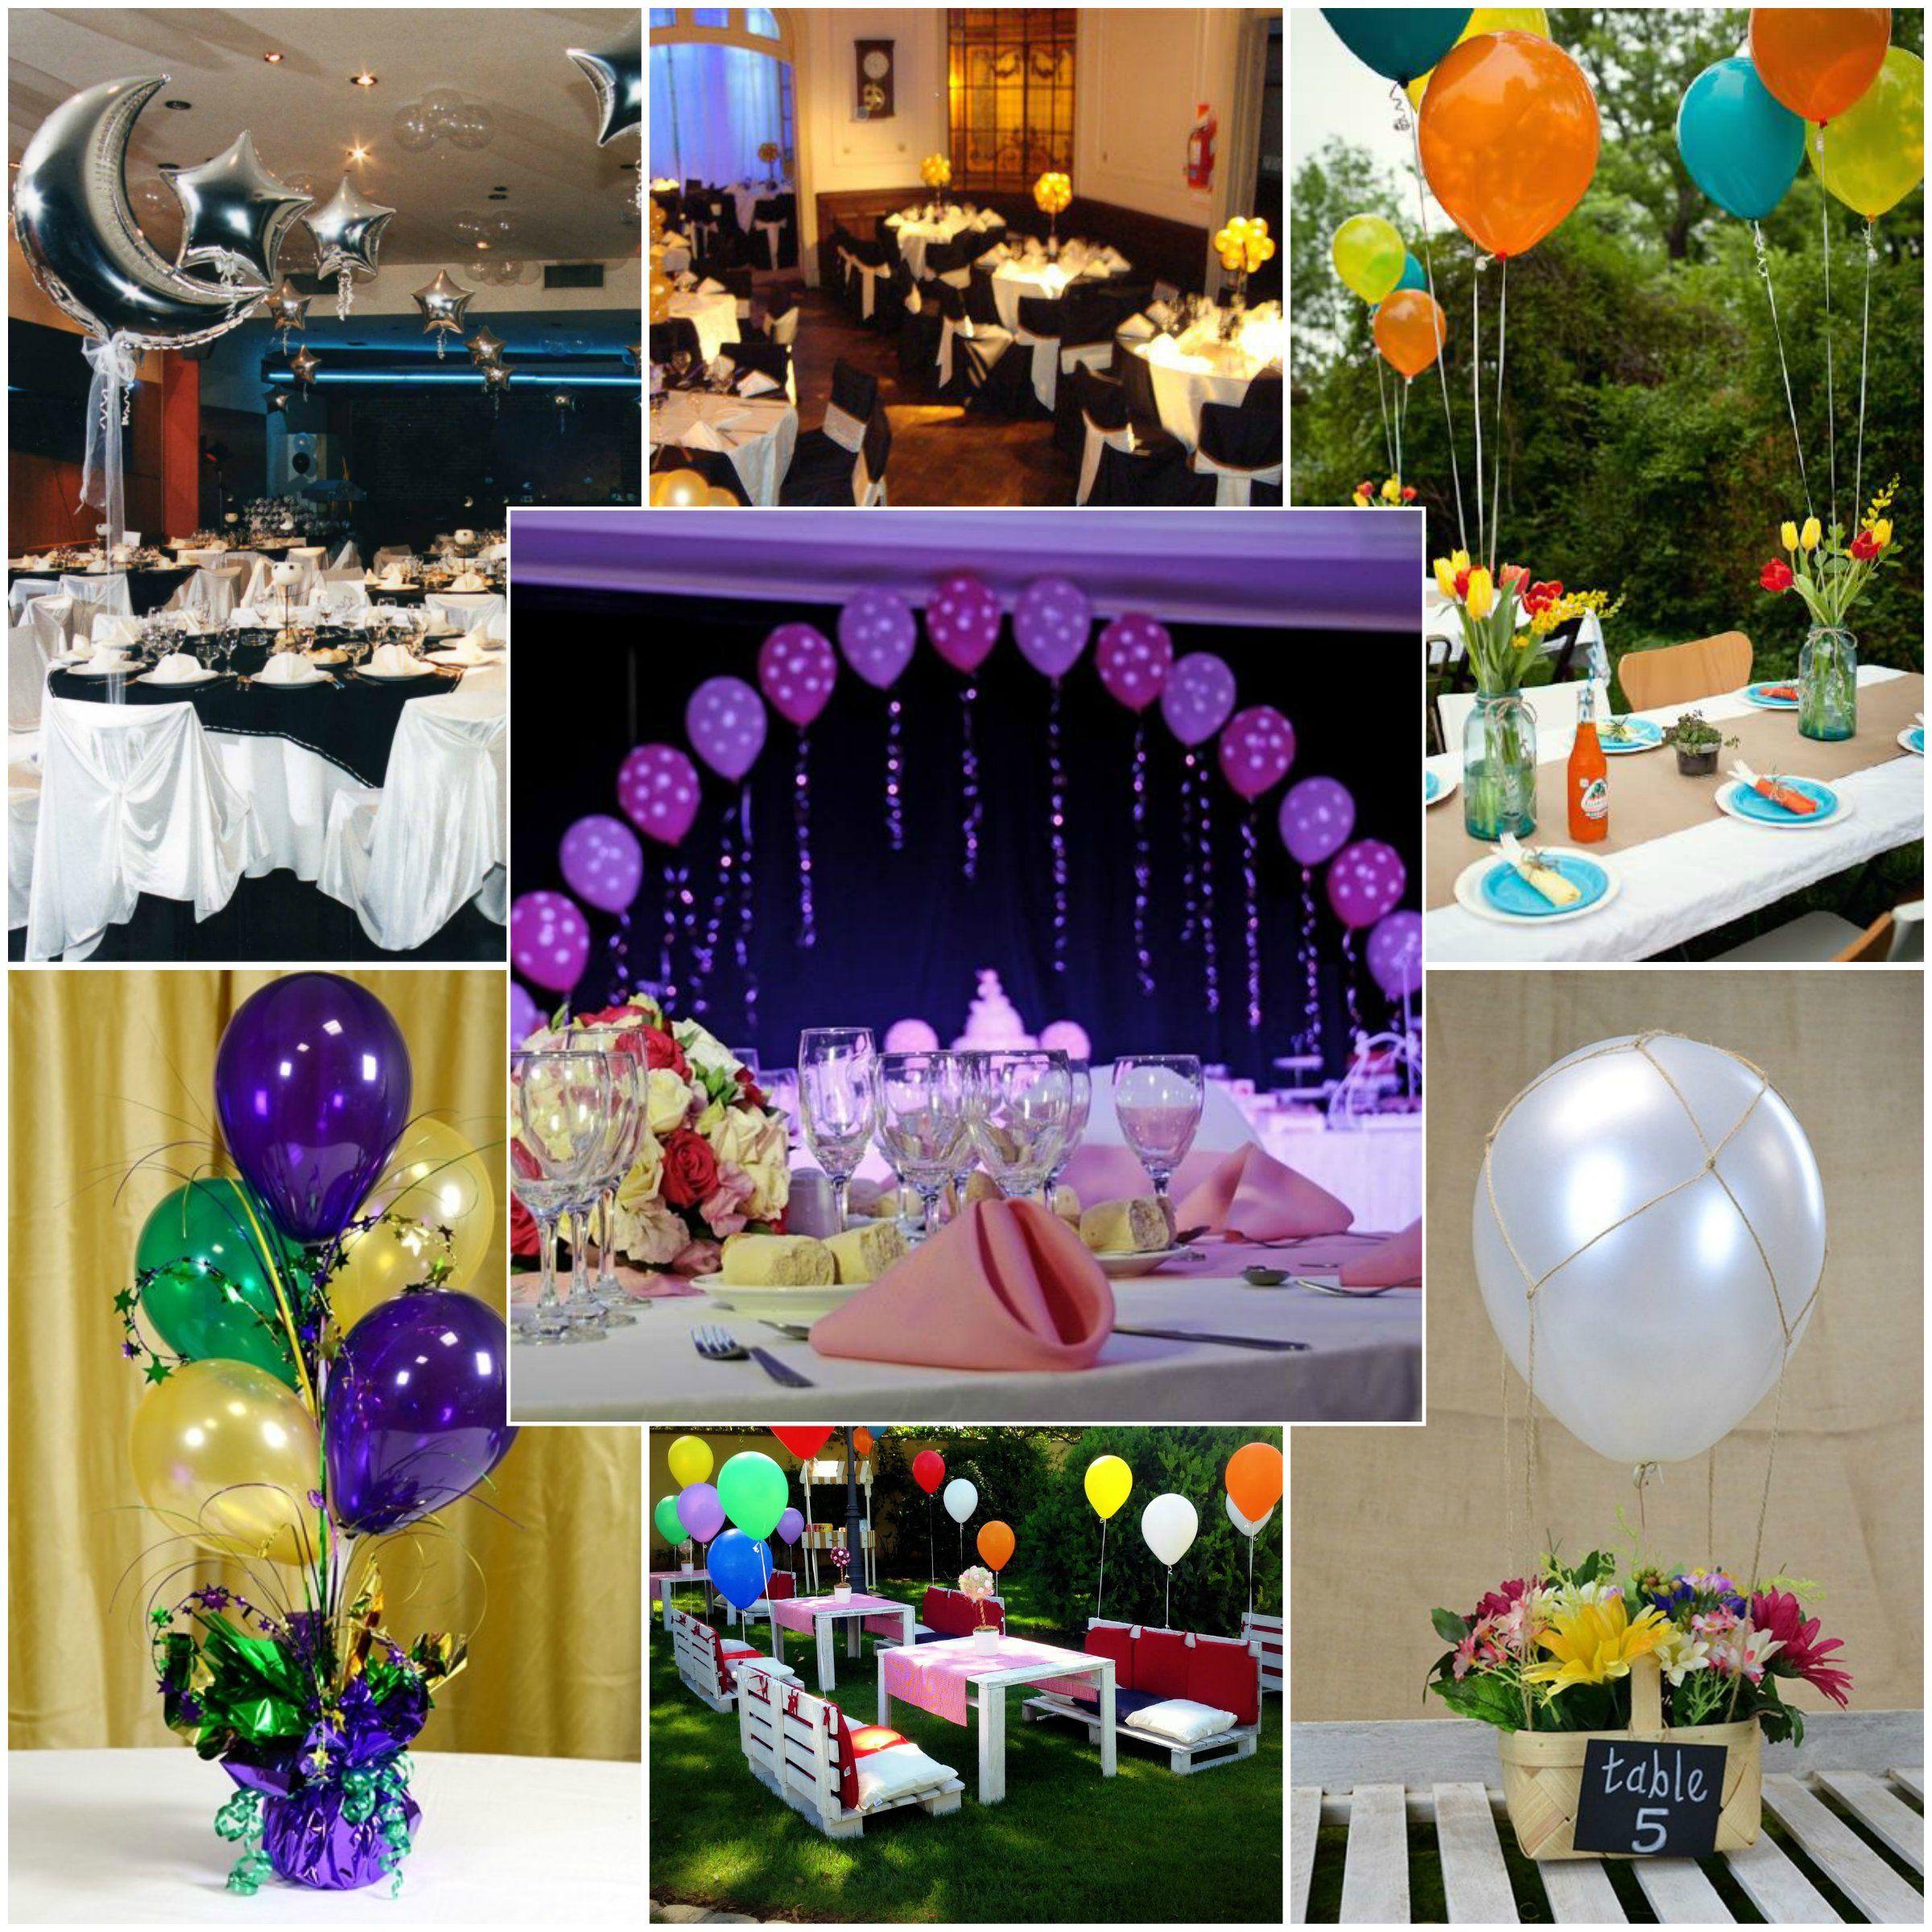 Ideas para decorar con globos http://www.inolvidables15.com/blog-la-fiesta-de-15-decoracion-salones-para-fiestas-de-15-174.htm